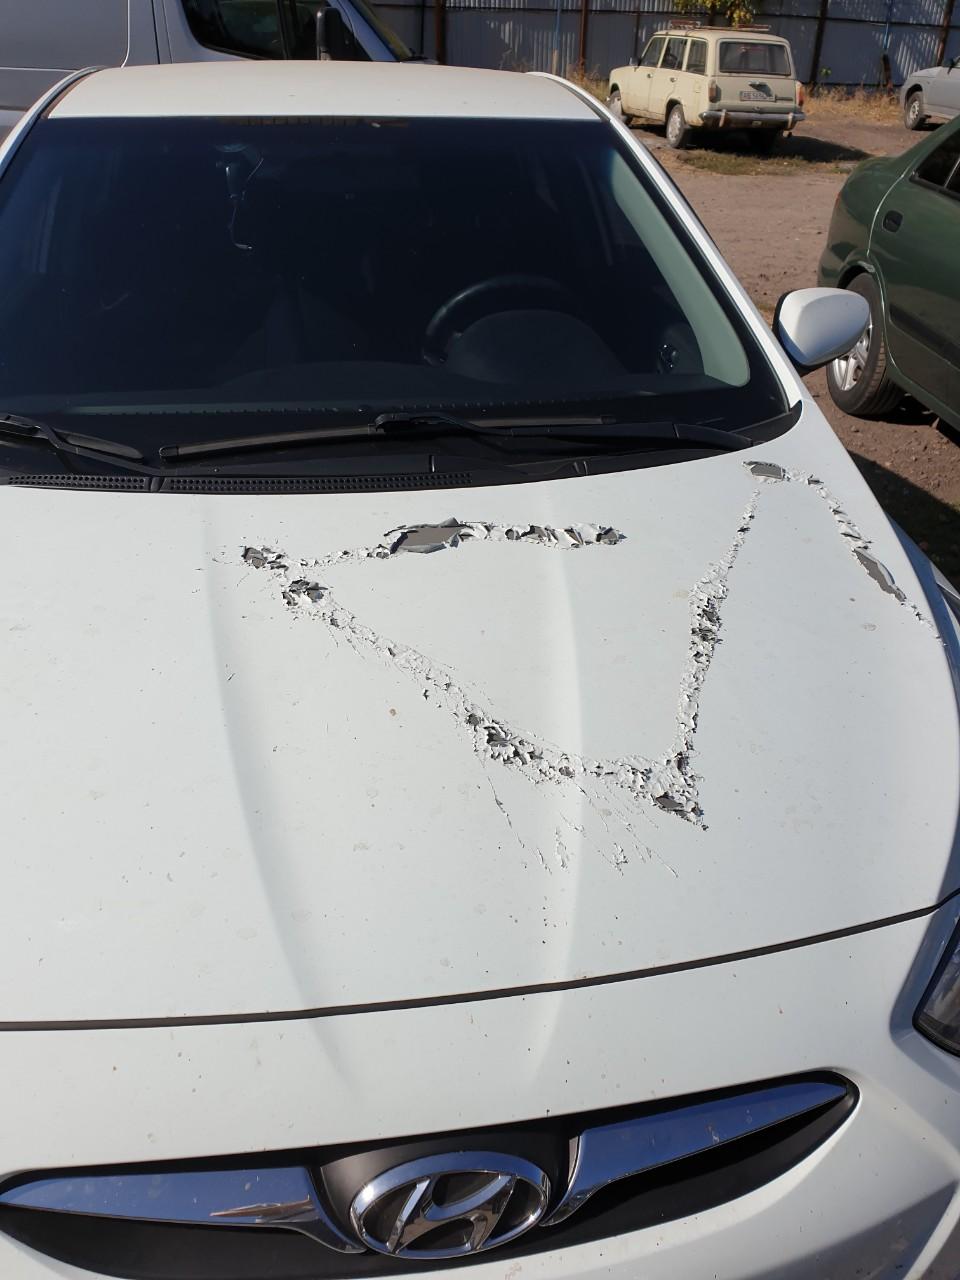 Испорчено 50 авто: в Днепре оставлять машины на стоянке уже небезопасно. Новости Днепра